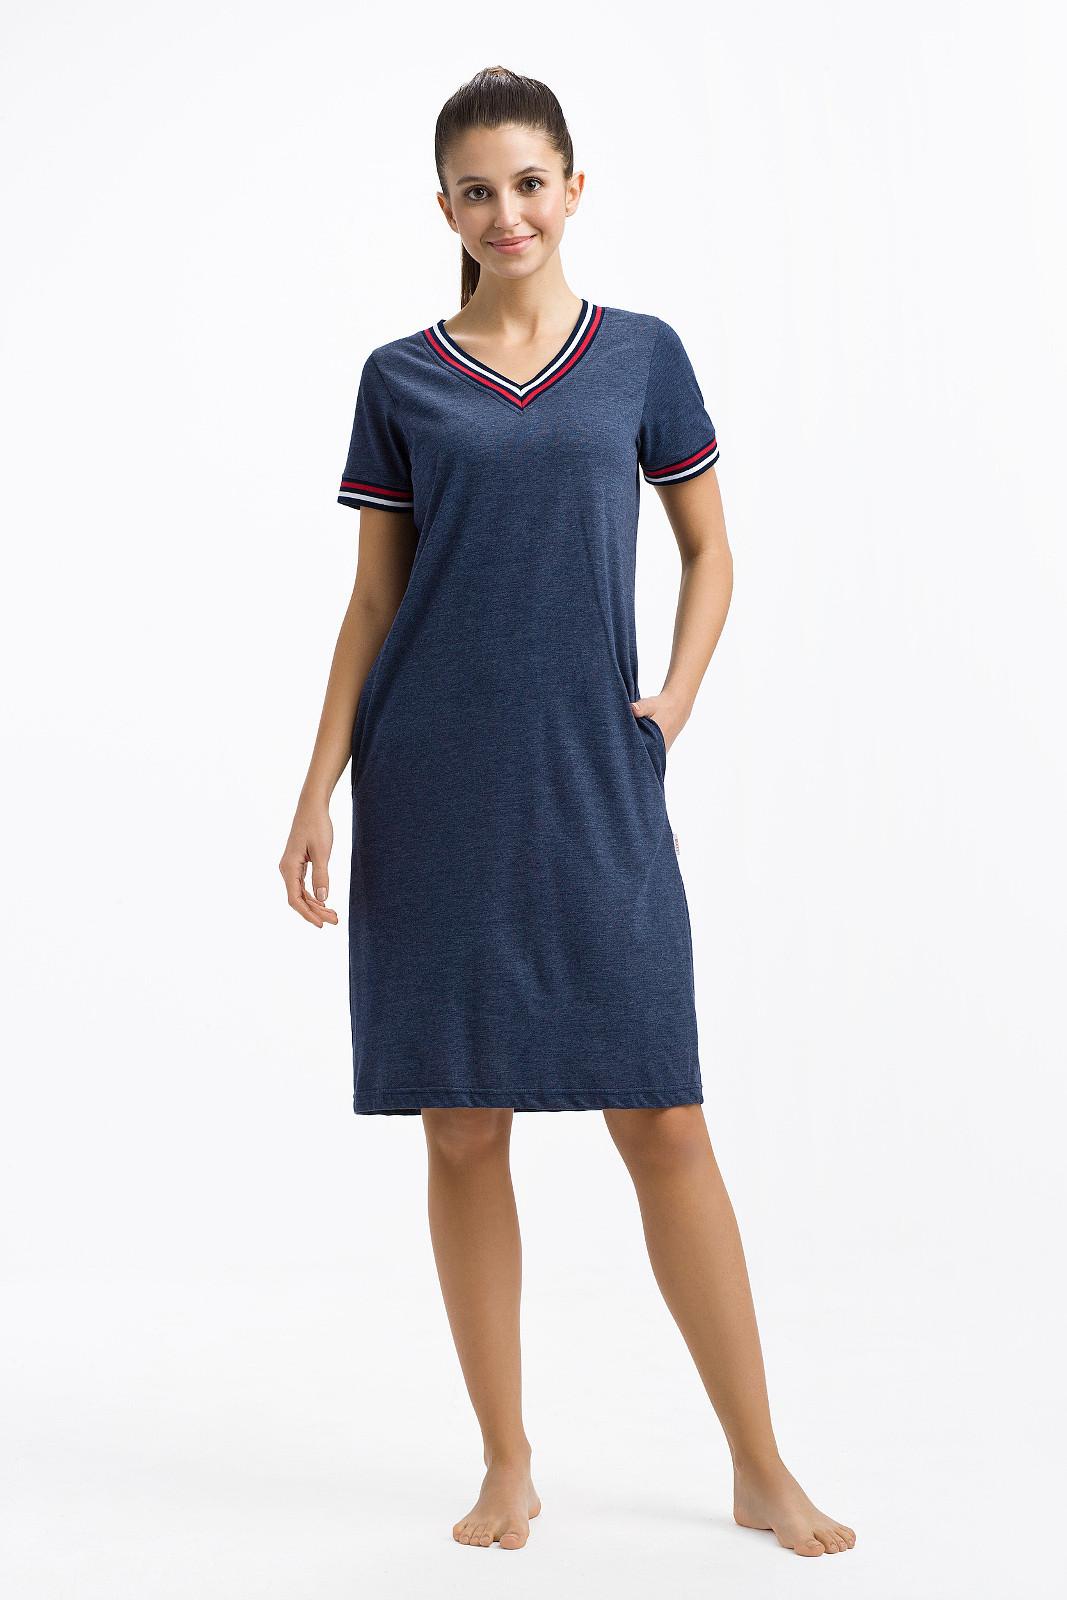 Dámská noční košile 248 - Luna tmavě modrá L